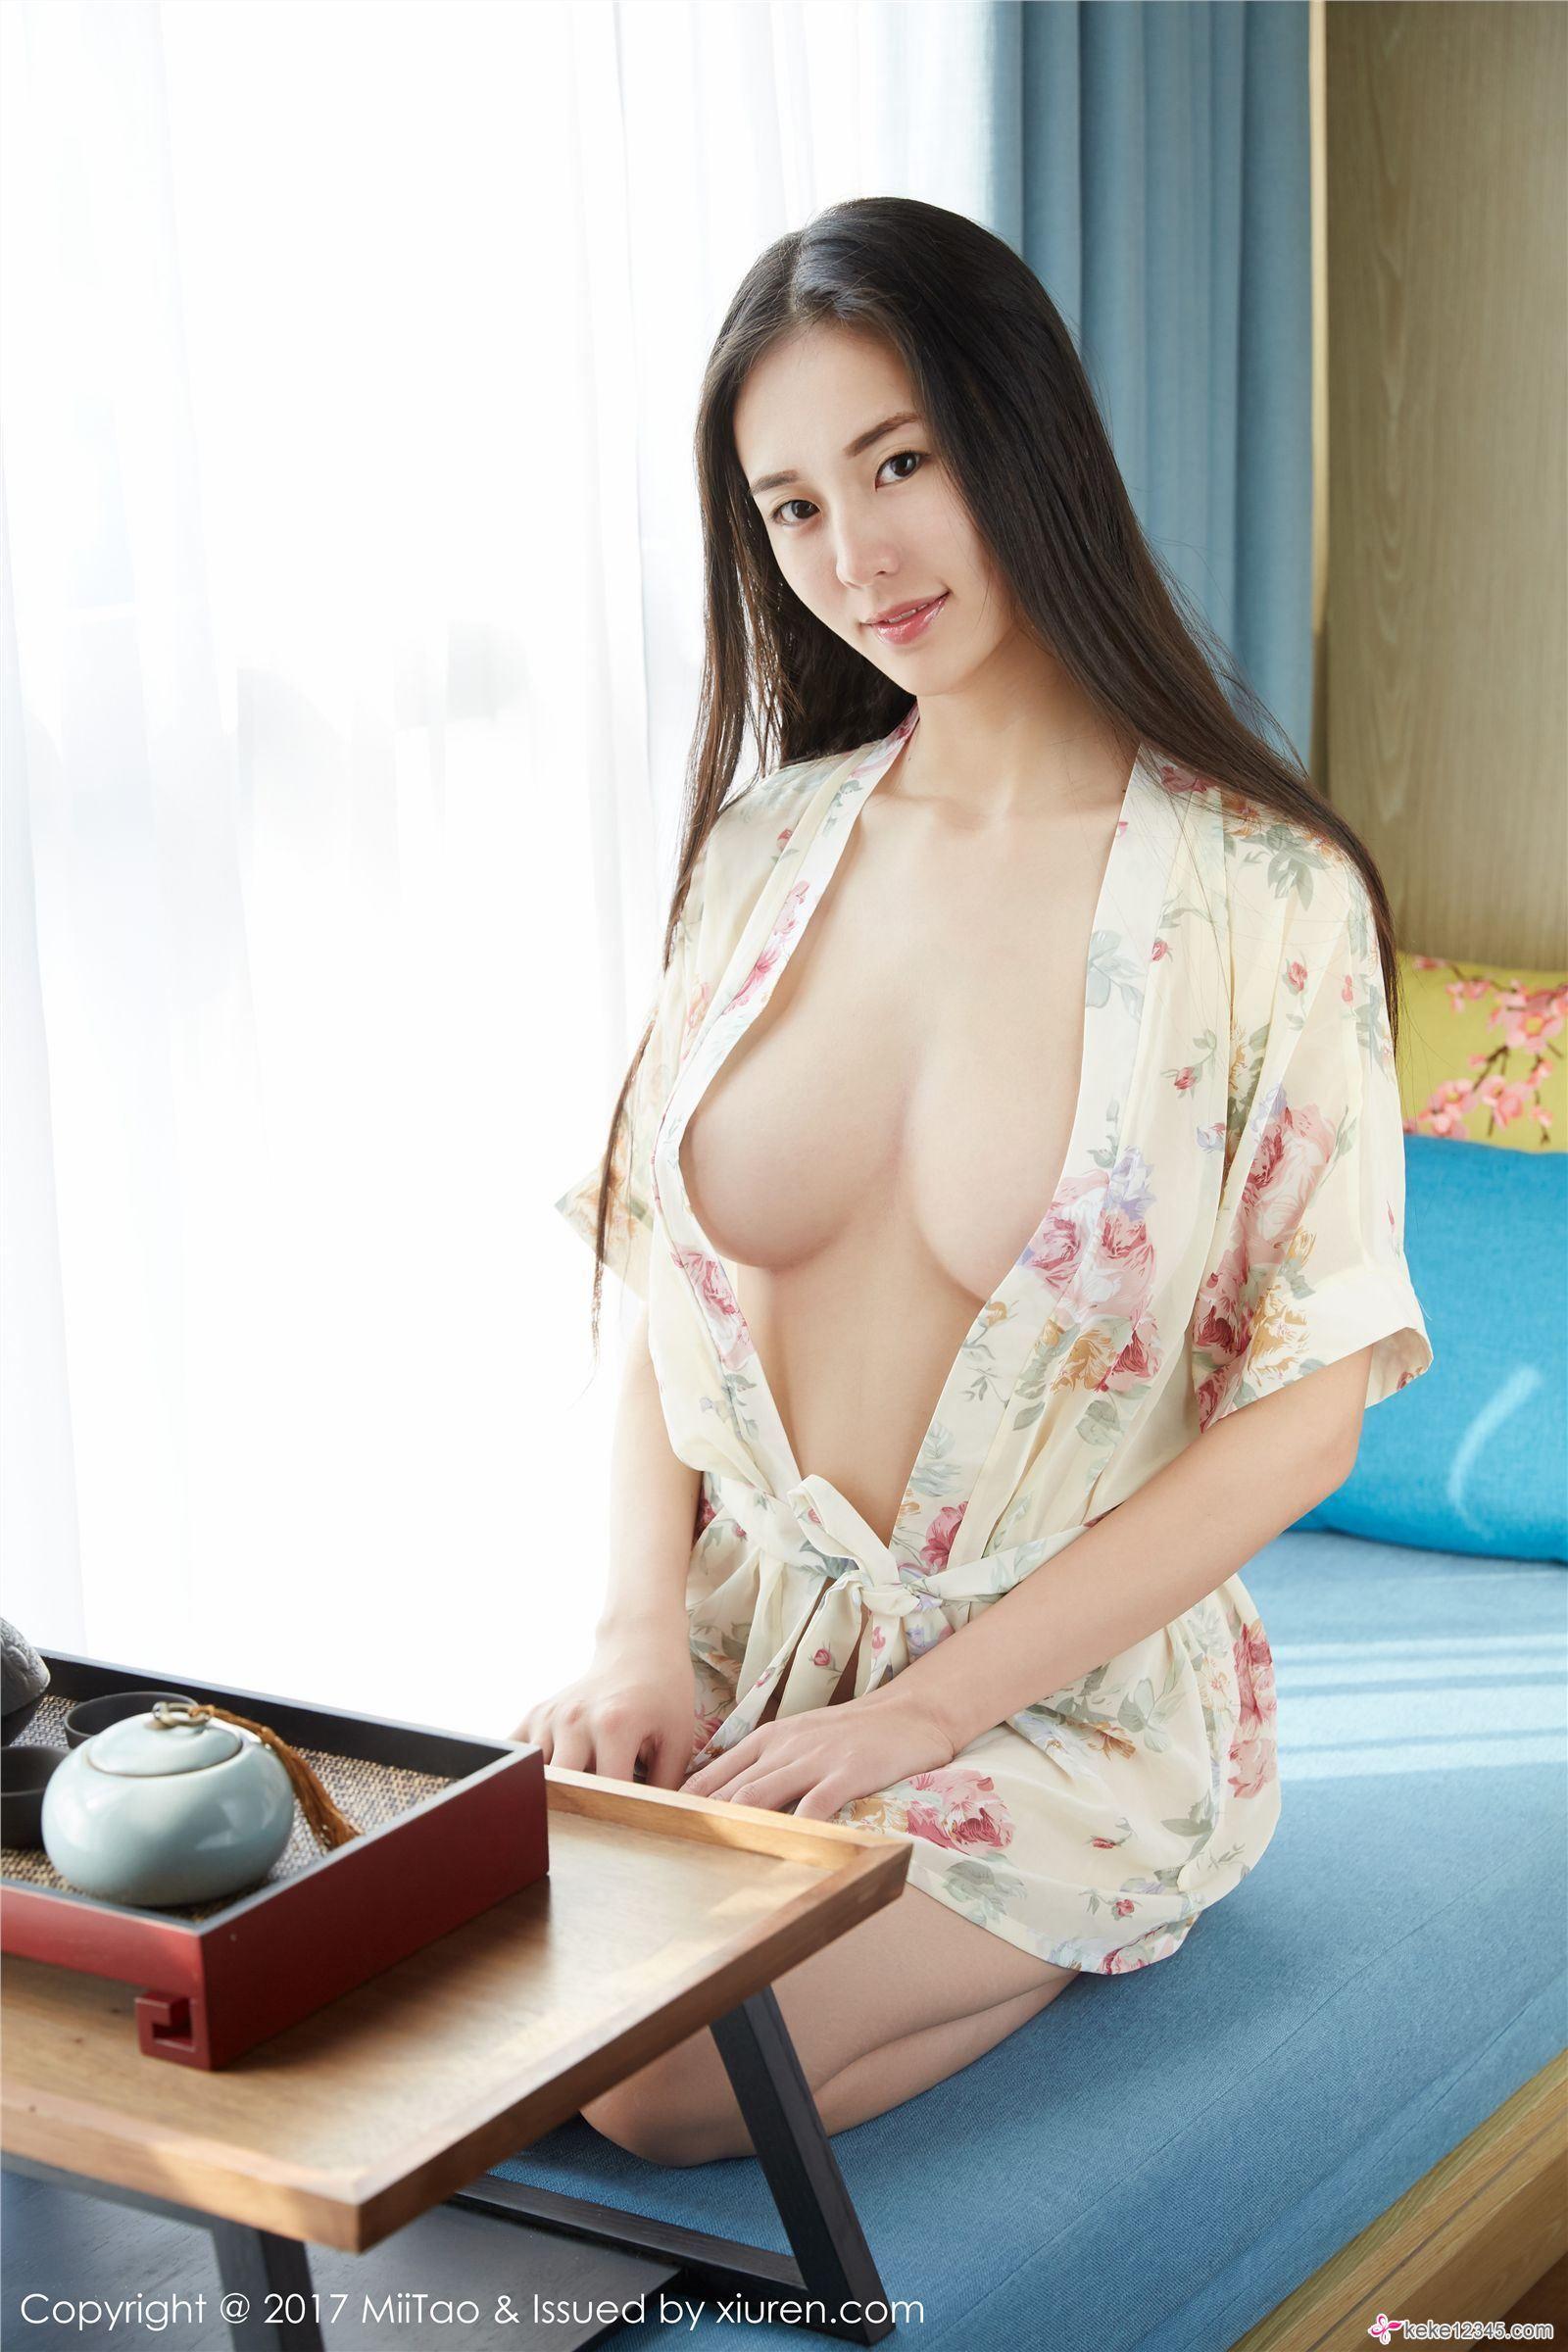 The worlds best porn star